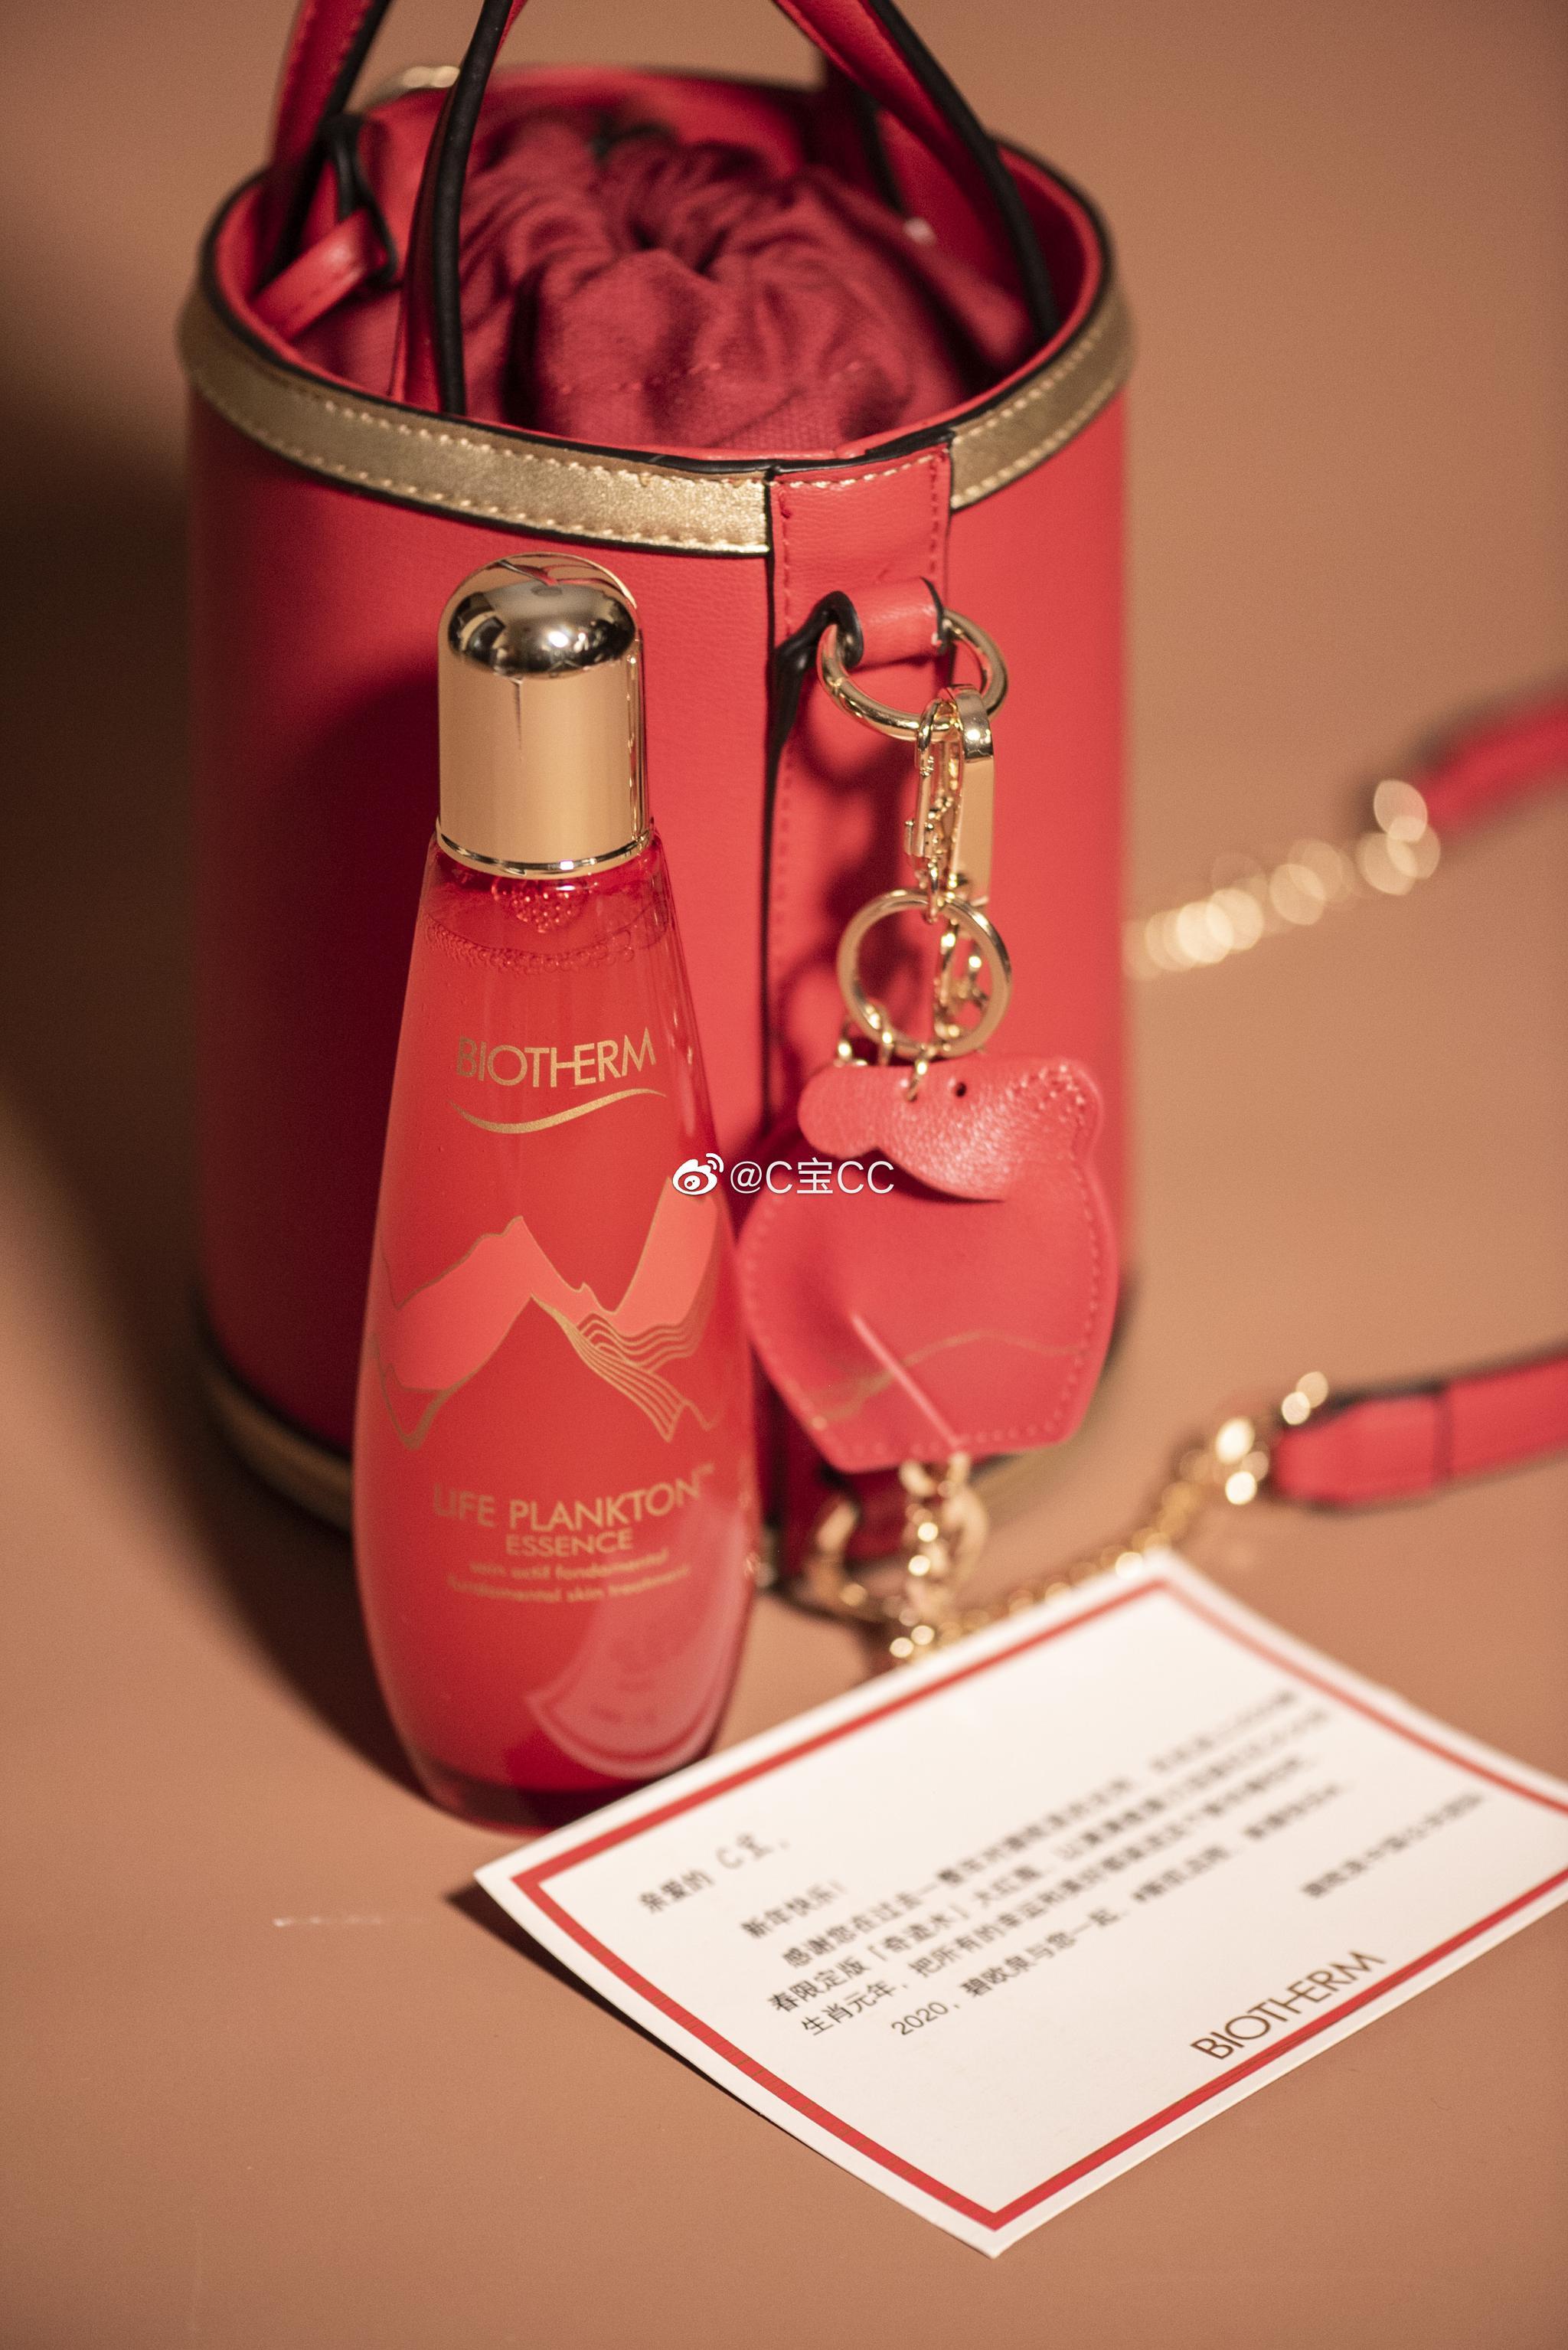 新年快乐又一波谢谢各位品牌好友的礼物~碧欧泉女士肌底精华露新年红